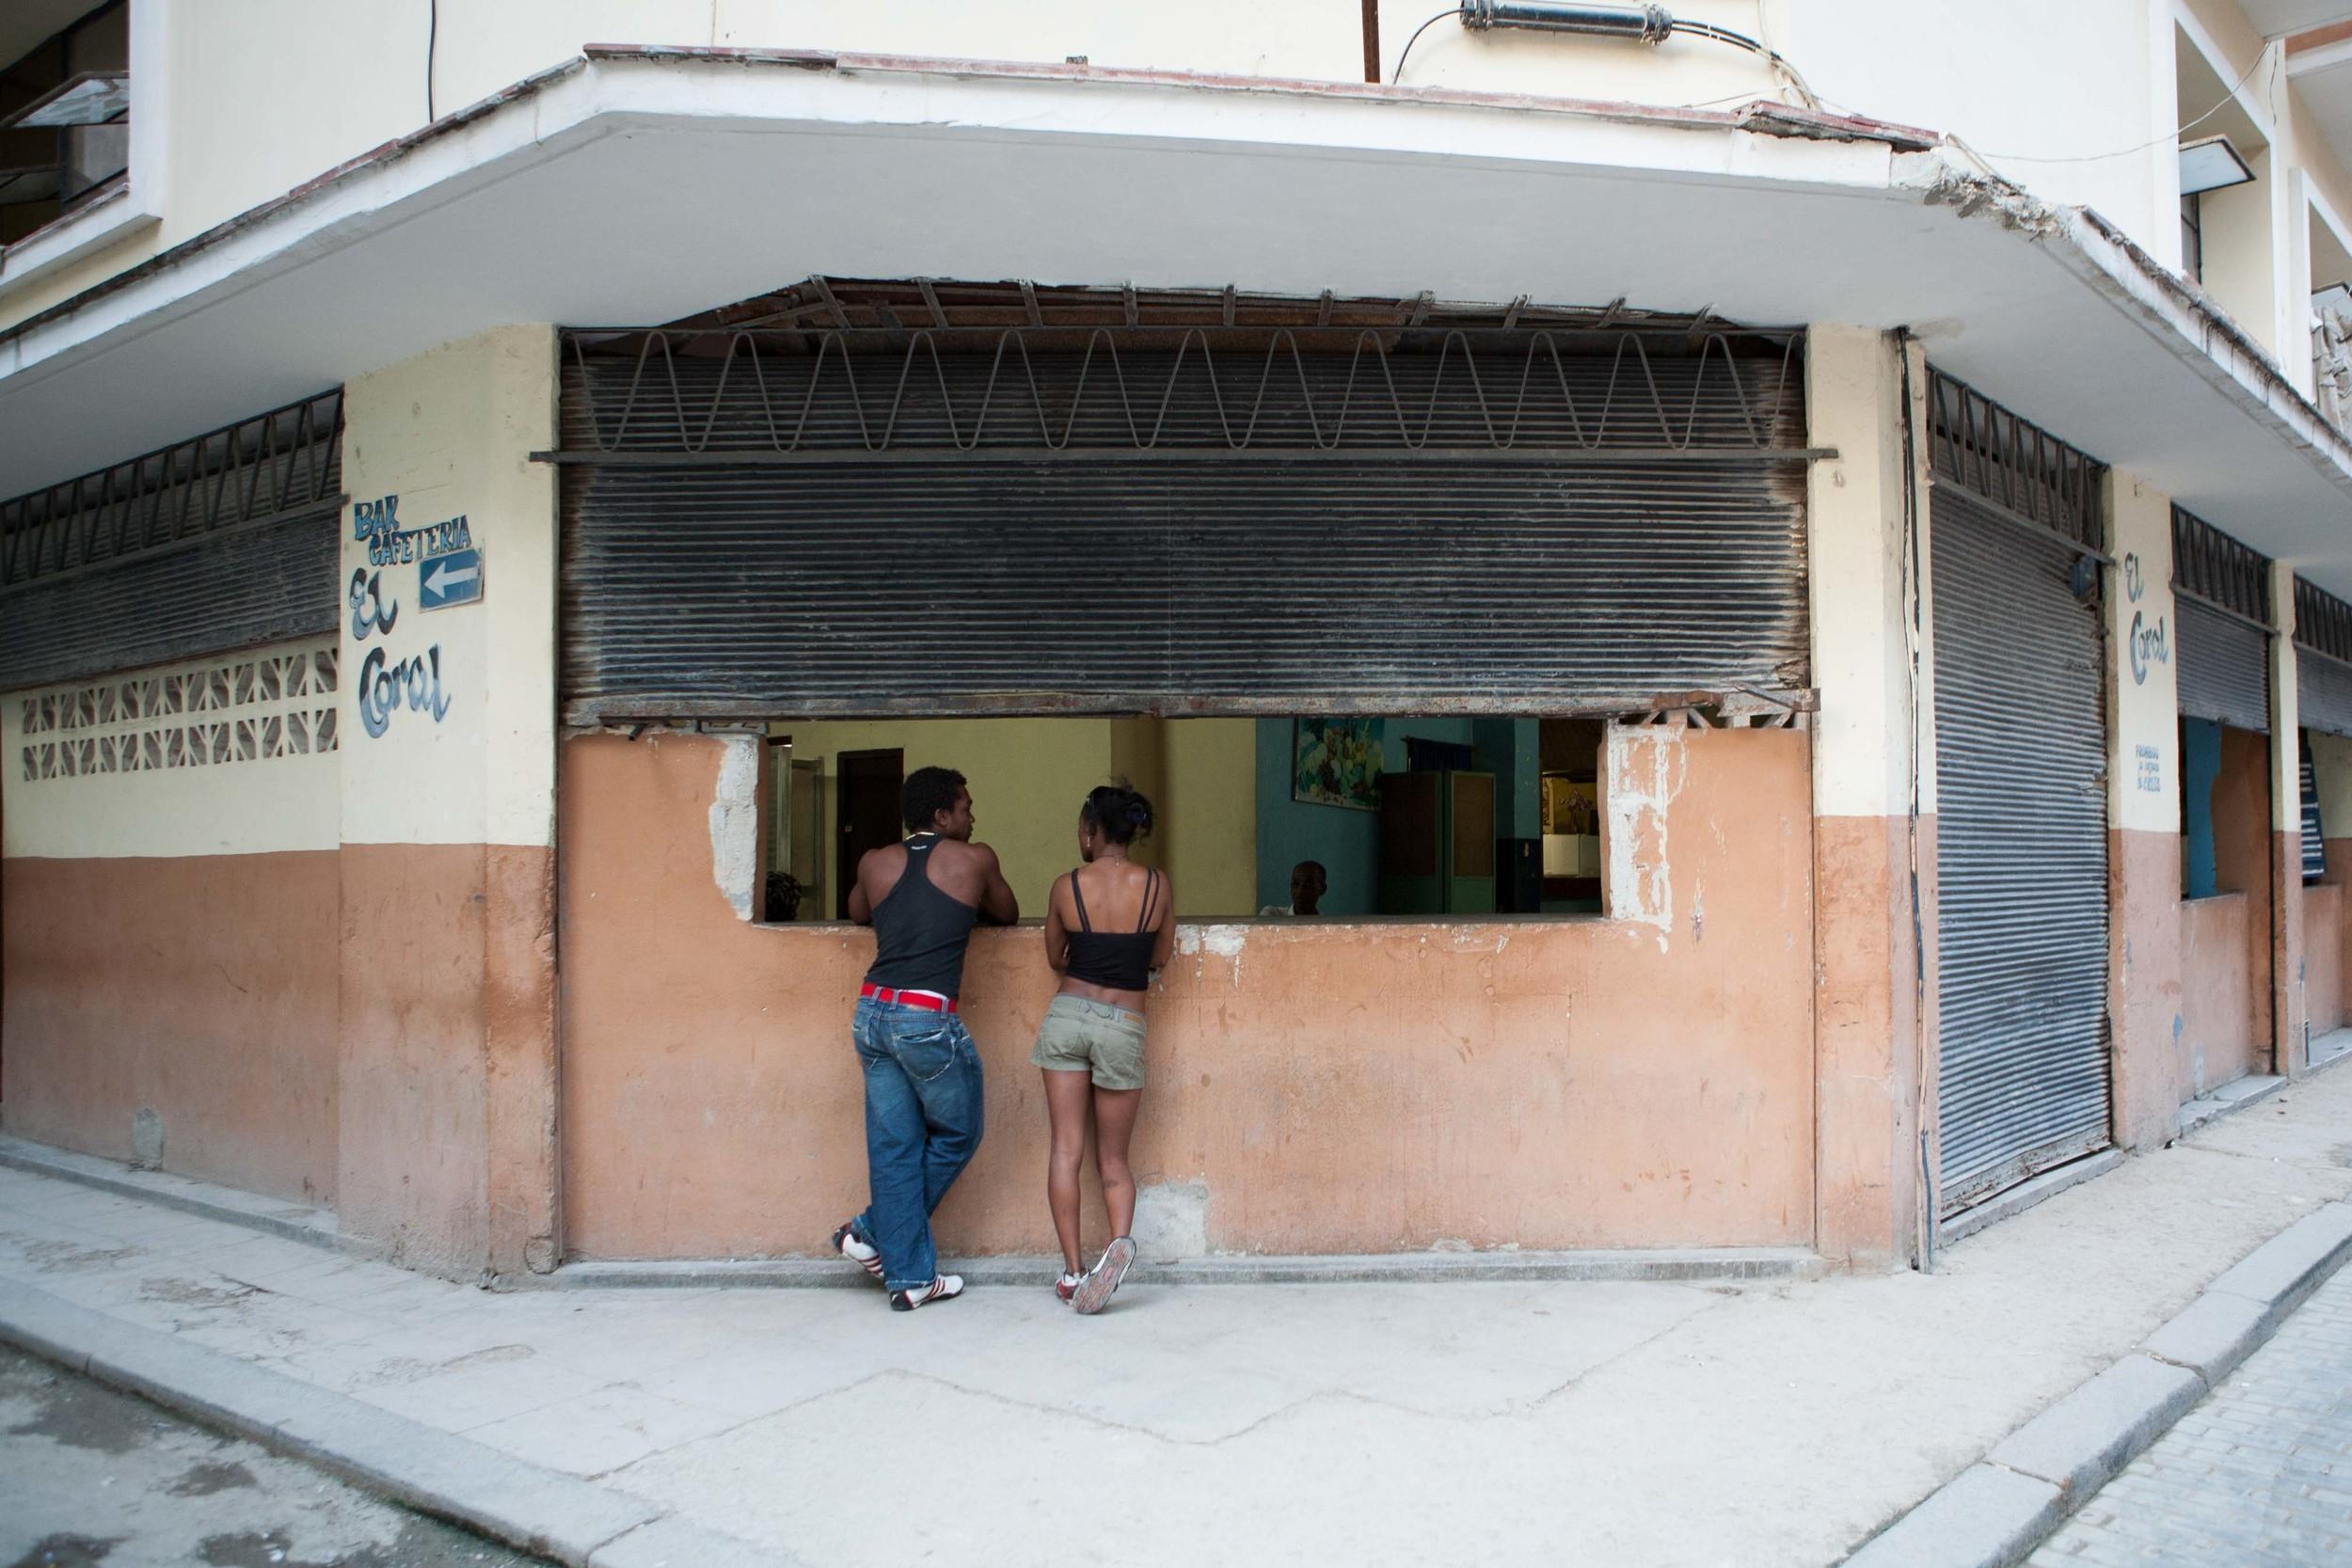 Havana_MG_5383.JPG